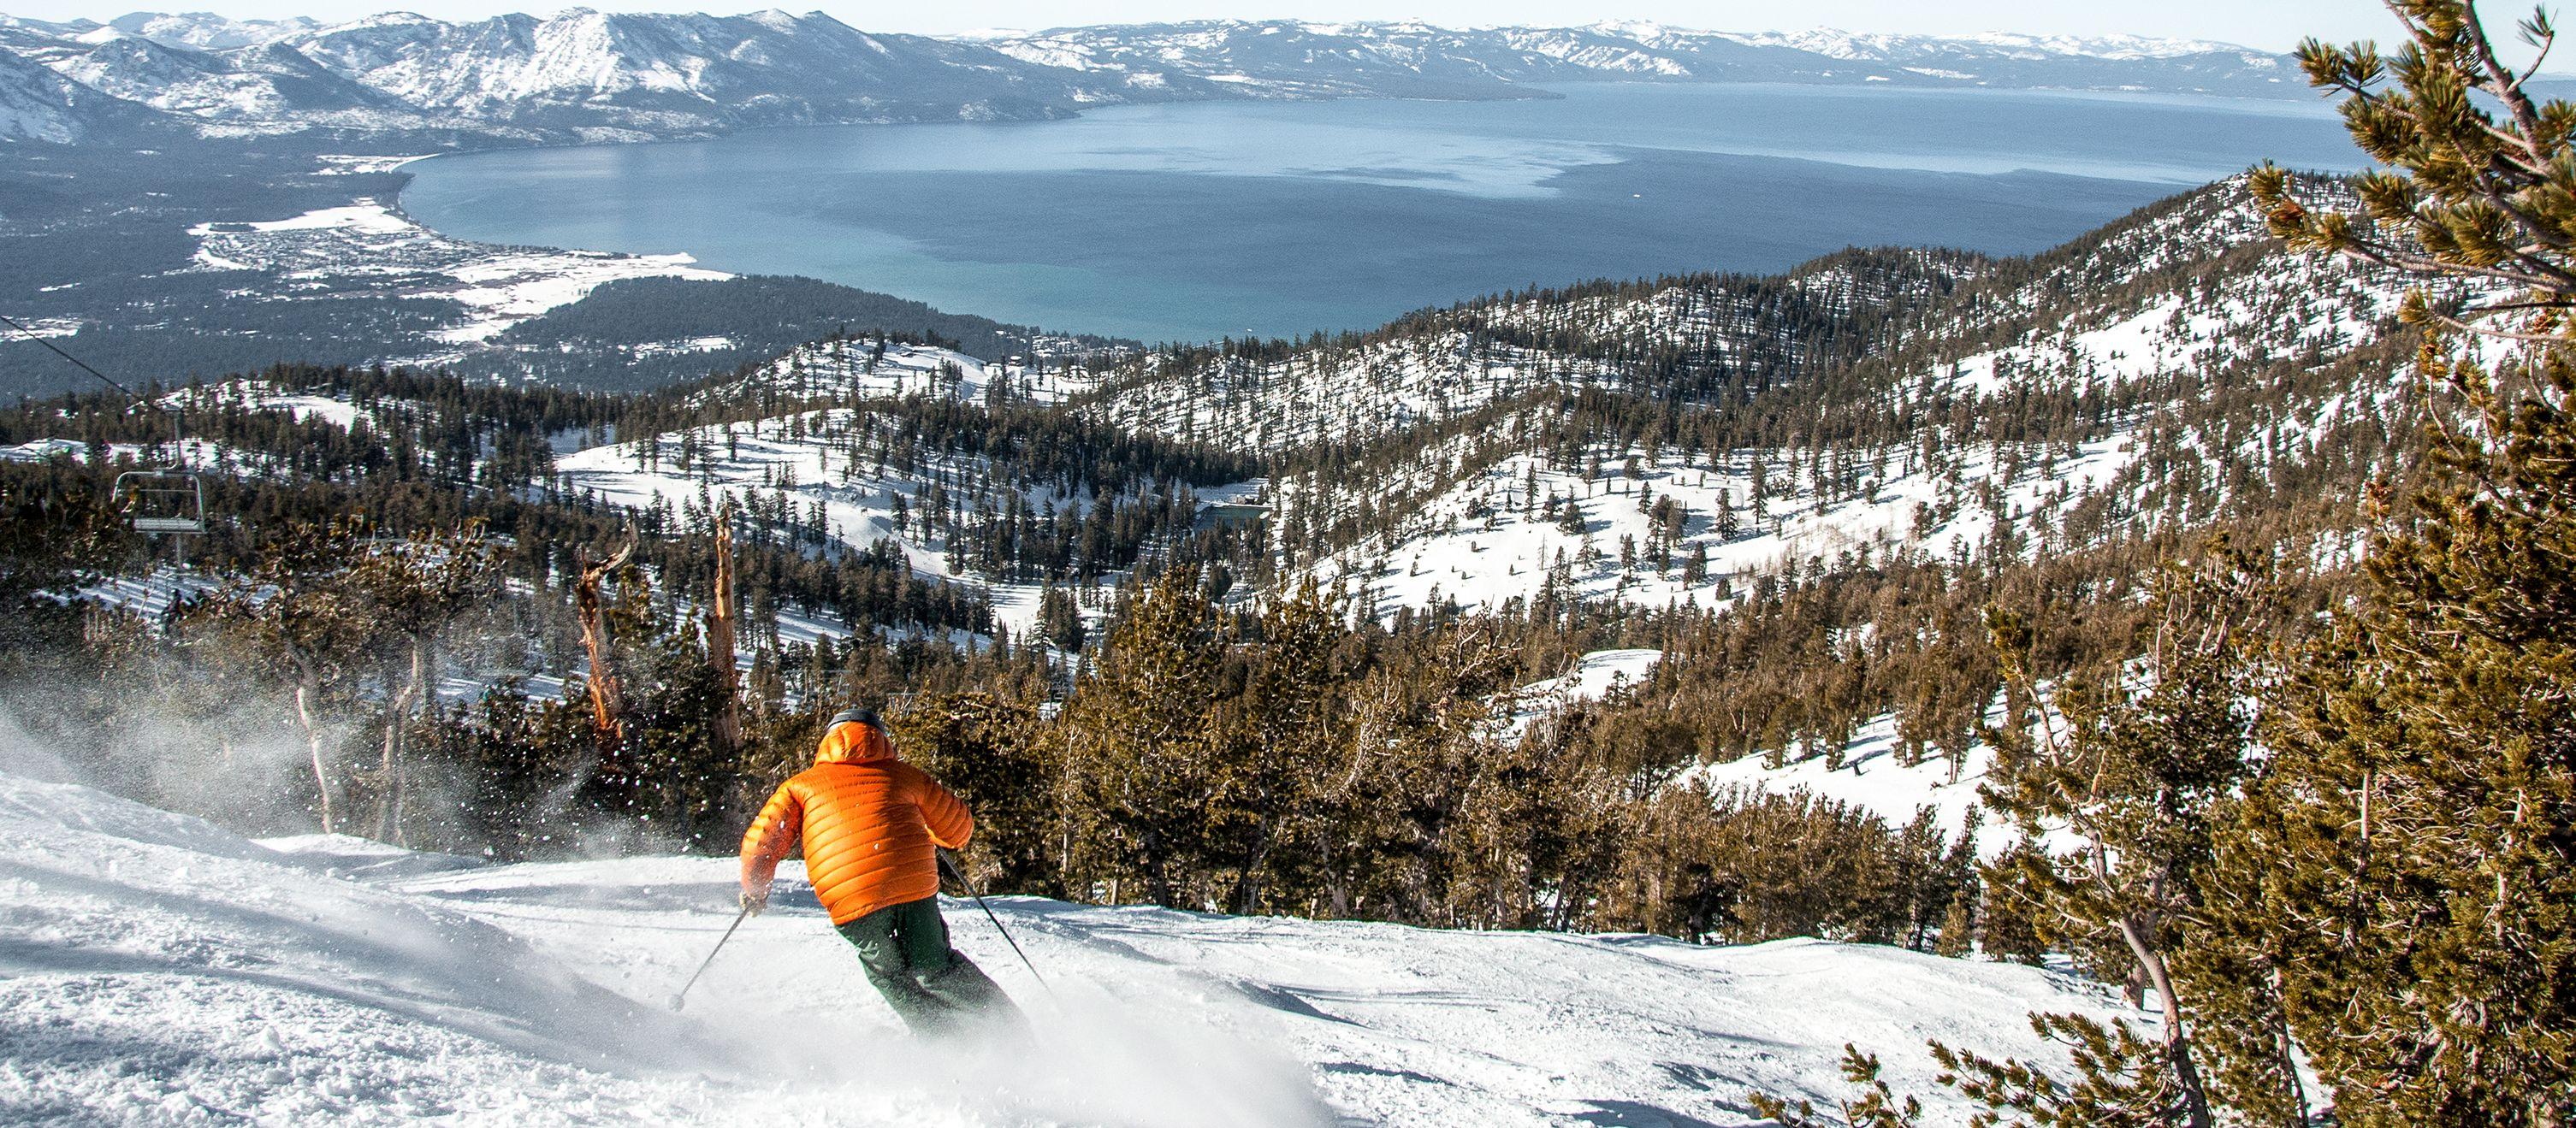 Skifahren im Heavenly Mountain Resort beim Lake Tahoe